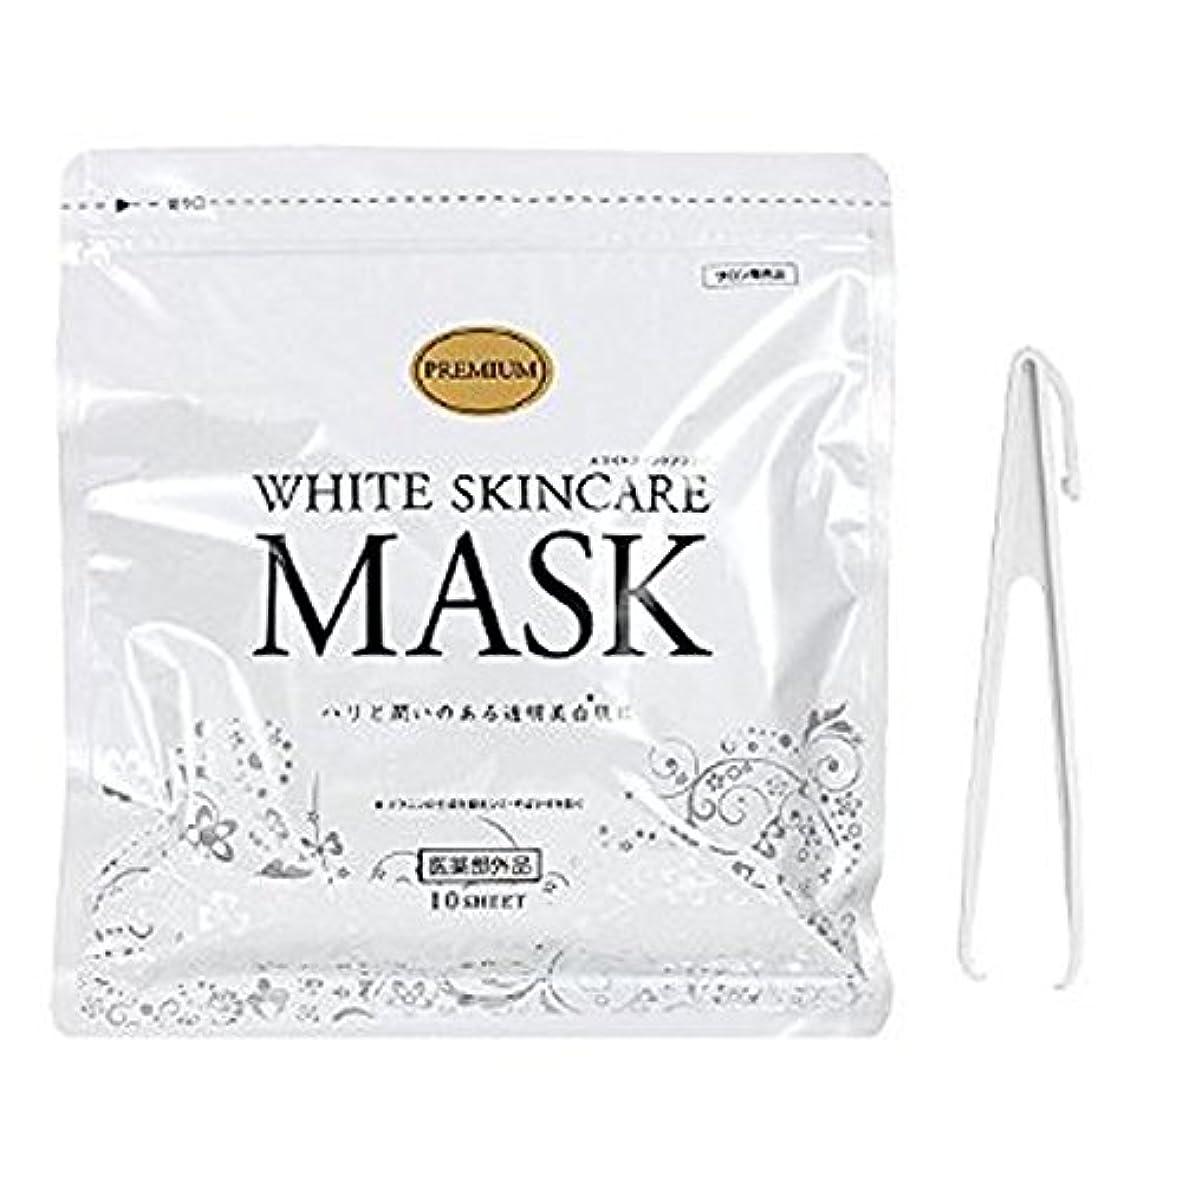 銛争い意図的ホワイトスキンケアマスク 10枚入